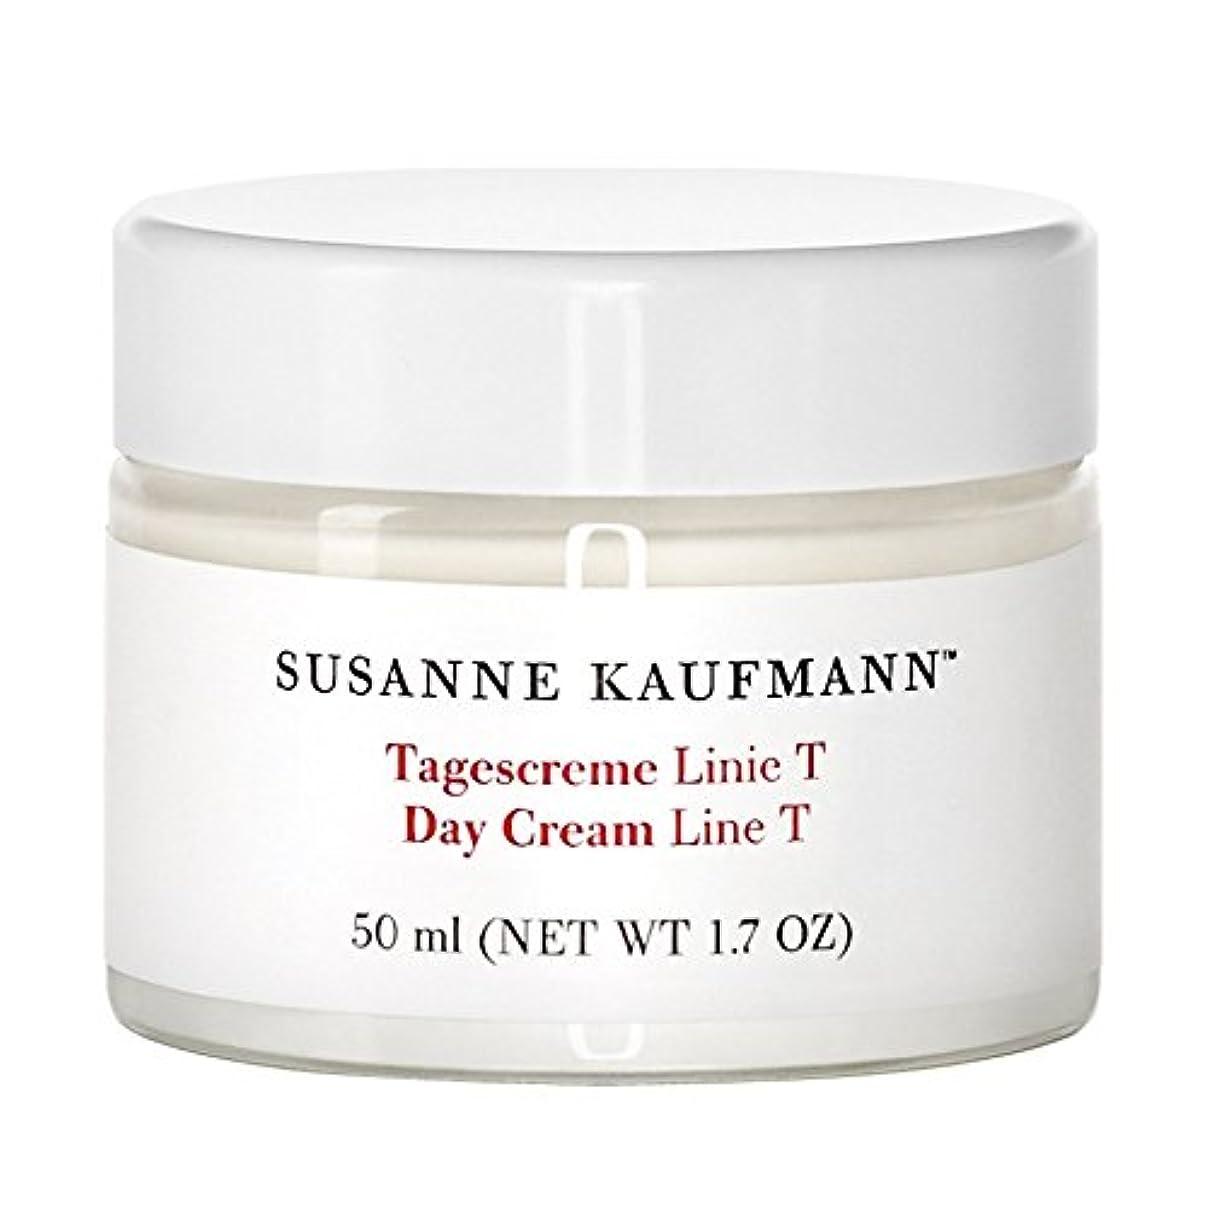 反動たぶん距離スザンヌカウフマン日クリームライントンの50ミリリットル x2 - Susanne Kaufmann Day Cream Line T 50ml (Pack of 2) [並行輸入品]